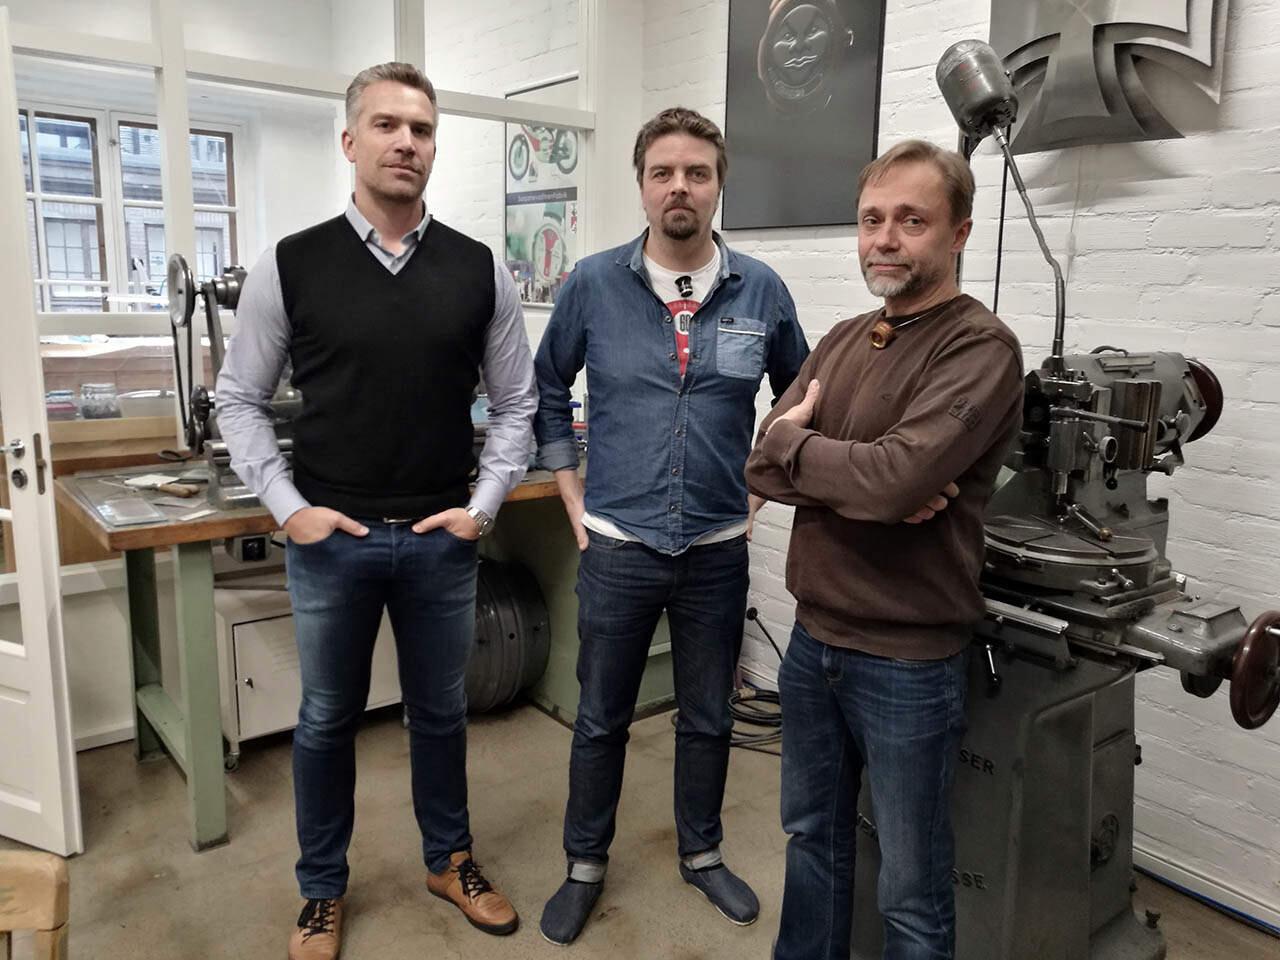 Kellopiirin kolmikko on tyytyyväinen alkavaan yhteiseloon. Vasemmalta Sami Astala (Kellokonttori), Stepan Sarpaneva ja Jouni Pöllänen (Watch Service Finland).